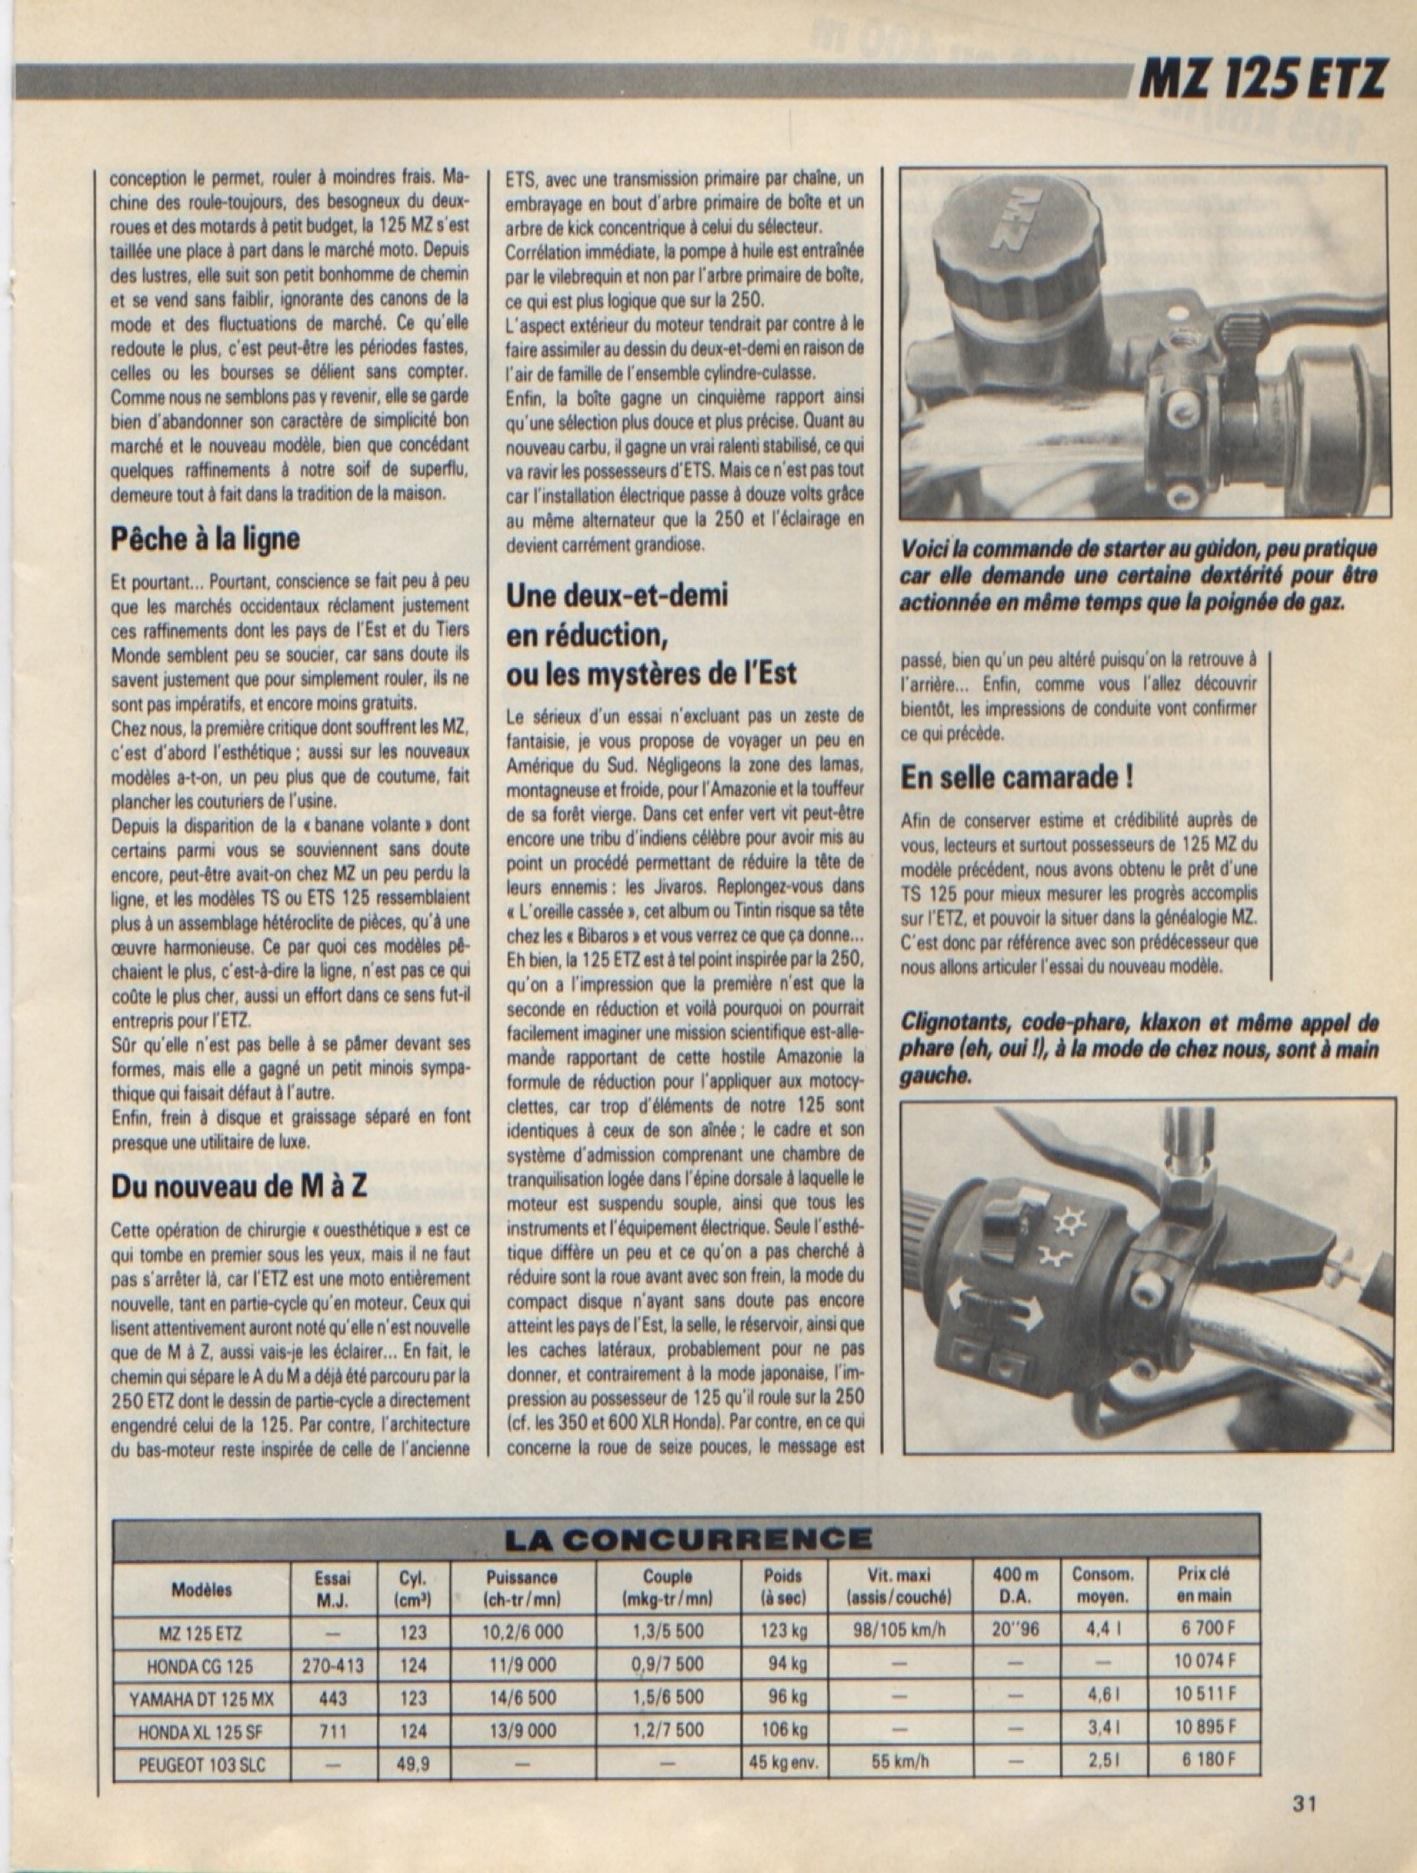 essai moto journal 1986 125 etz 864705Scan4